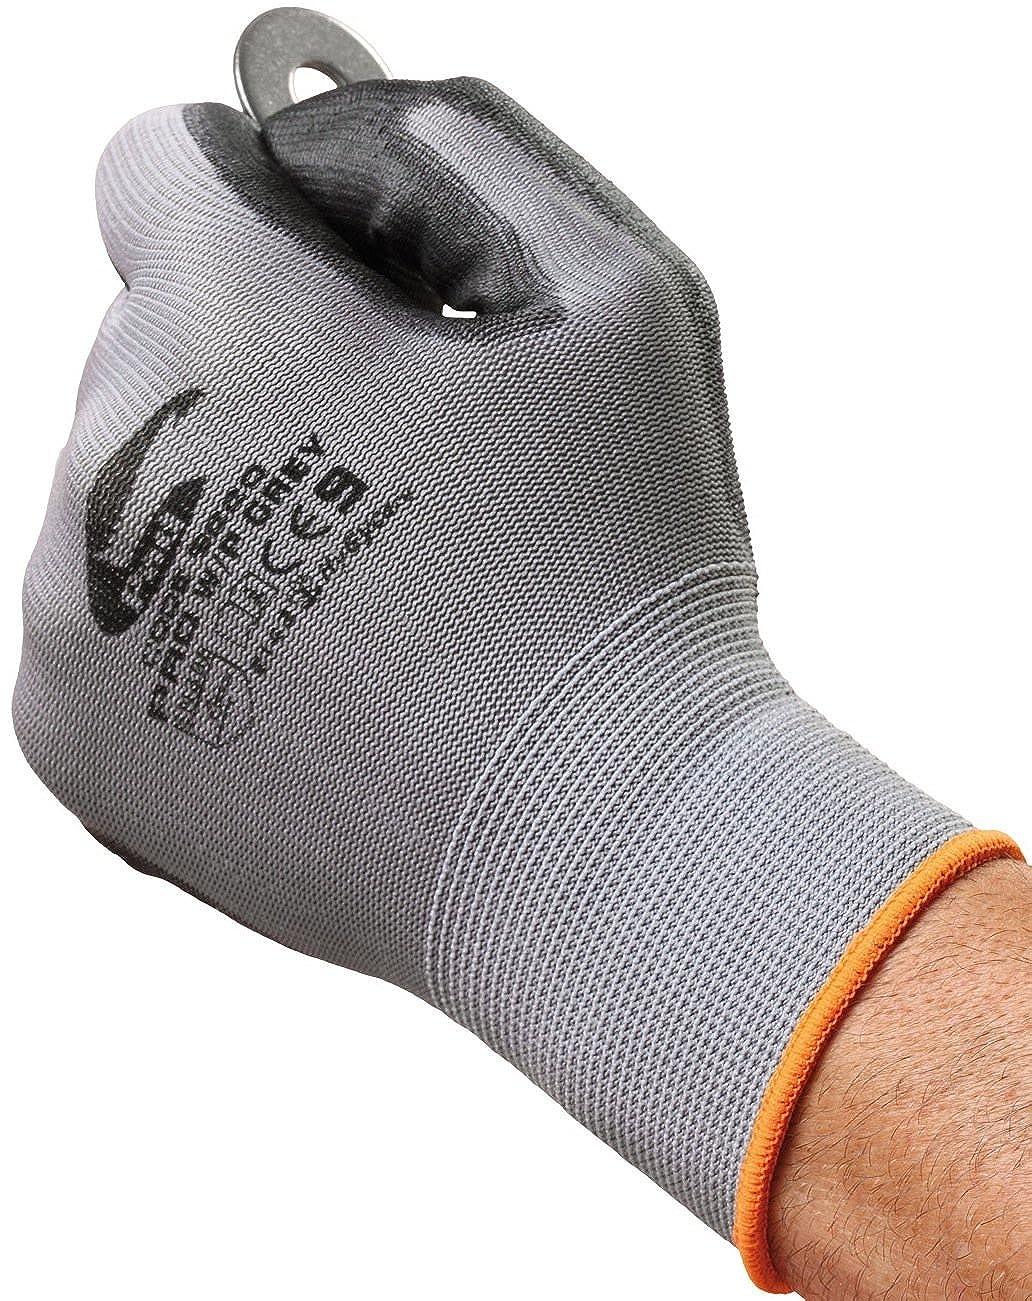 Graue Touchscreen Arbeitshandschuhe – Nutzen Sie Ihr Mobiltelefon Easy Off Gloves Ltd